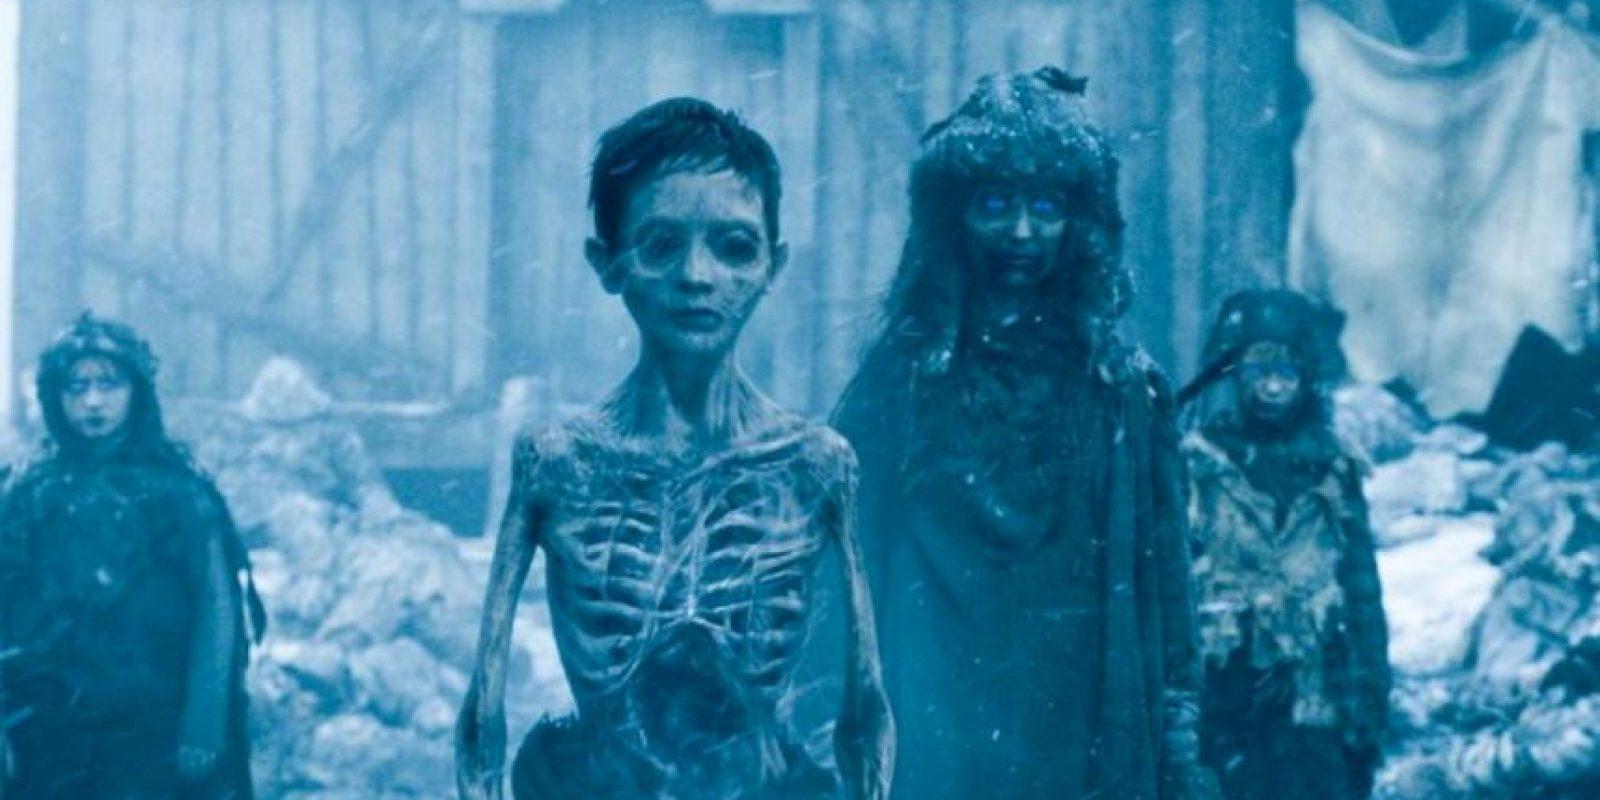 """15. """"Jon Snow"""" y los salvajes se enfrentan a """"Los Otros"""", un ejército de personas que han muerto más allá del Muro. Estos niños muertos devoran a una salvaje. Foto:vía HBO"""